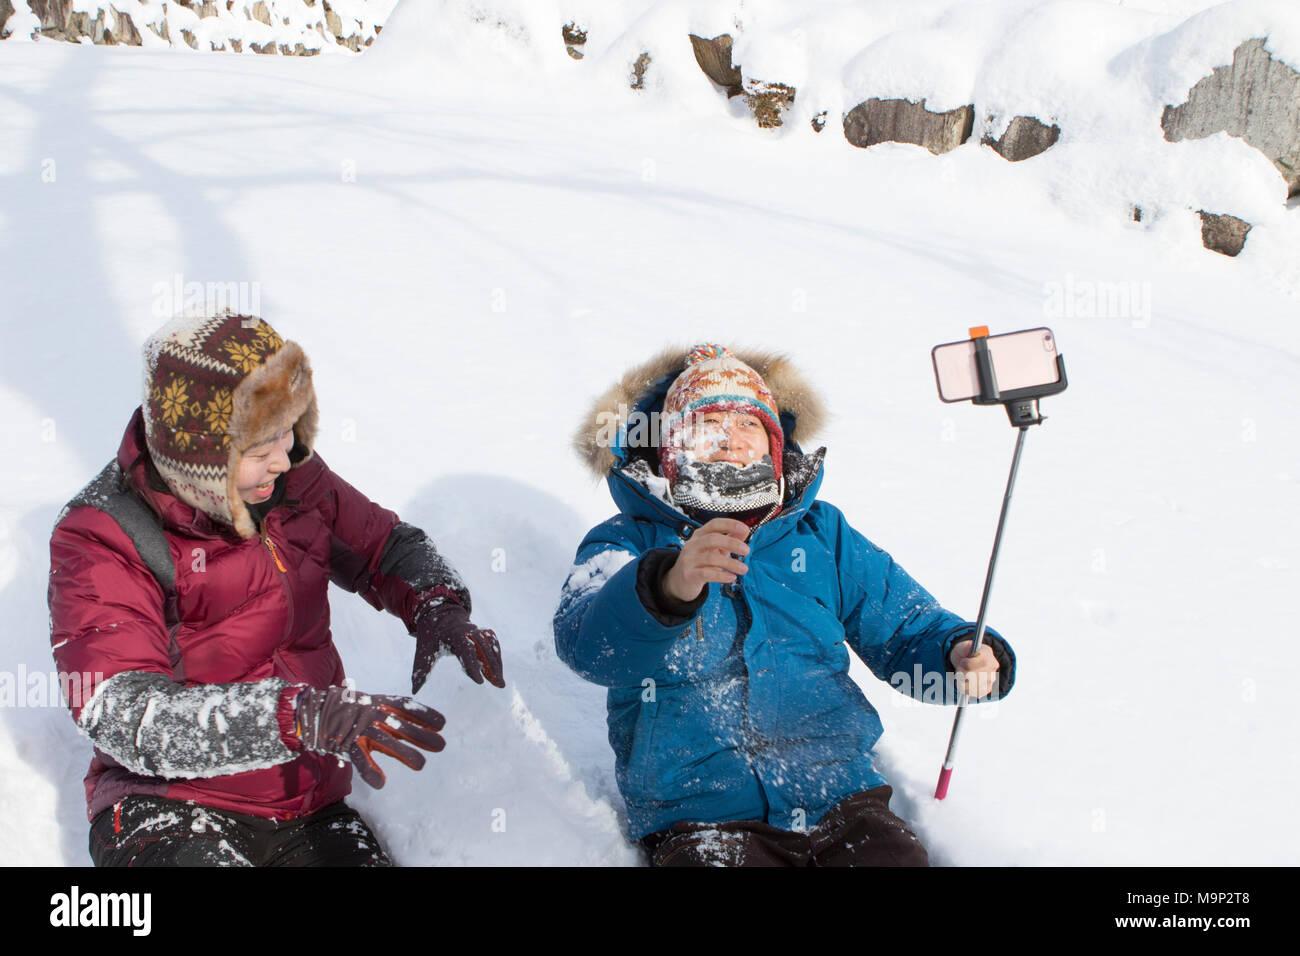 Una giovane coppia è giocare nella neve in Seoraksan National Park, Gangwon-do, la Corea del Sud. La ragazza appena buttato una palla di neve nel volto del suo ragazzo amico, chi è catturare con uno smart phone su un bastone selfie. Seoraksan è un bellissimo e iconico Parco Nazionale delle montagne vicino Sokcho nella regione del Gangwon-do di Corea del Sud. Il nome si riferisce a balze innevate montagne. Insieme contro il paesaggio sono due templi buddisti: Sinheung-sa e Beakdam-sa. Questa regione è di ospitare le Olimpiadi invernali nel febbraio 2018. Seoraksan è un bellissimo e iconico Parco Nazionale delle montagne vicino Sokcho nella Foto Stock